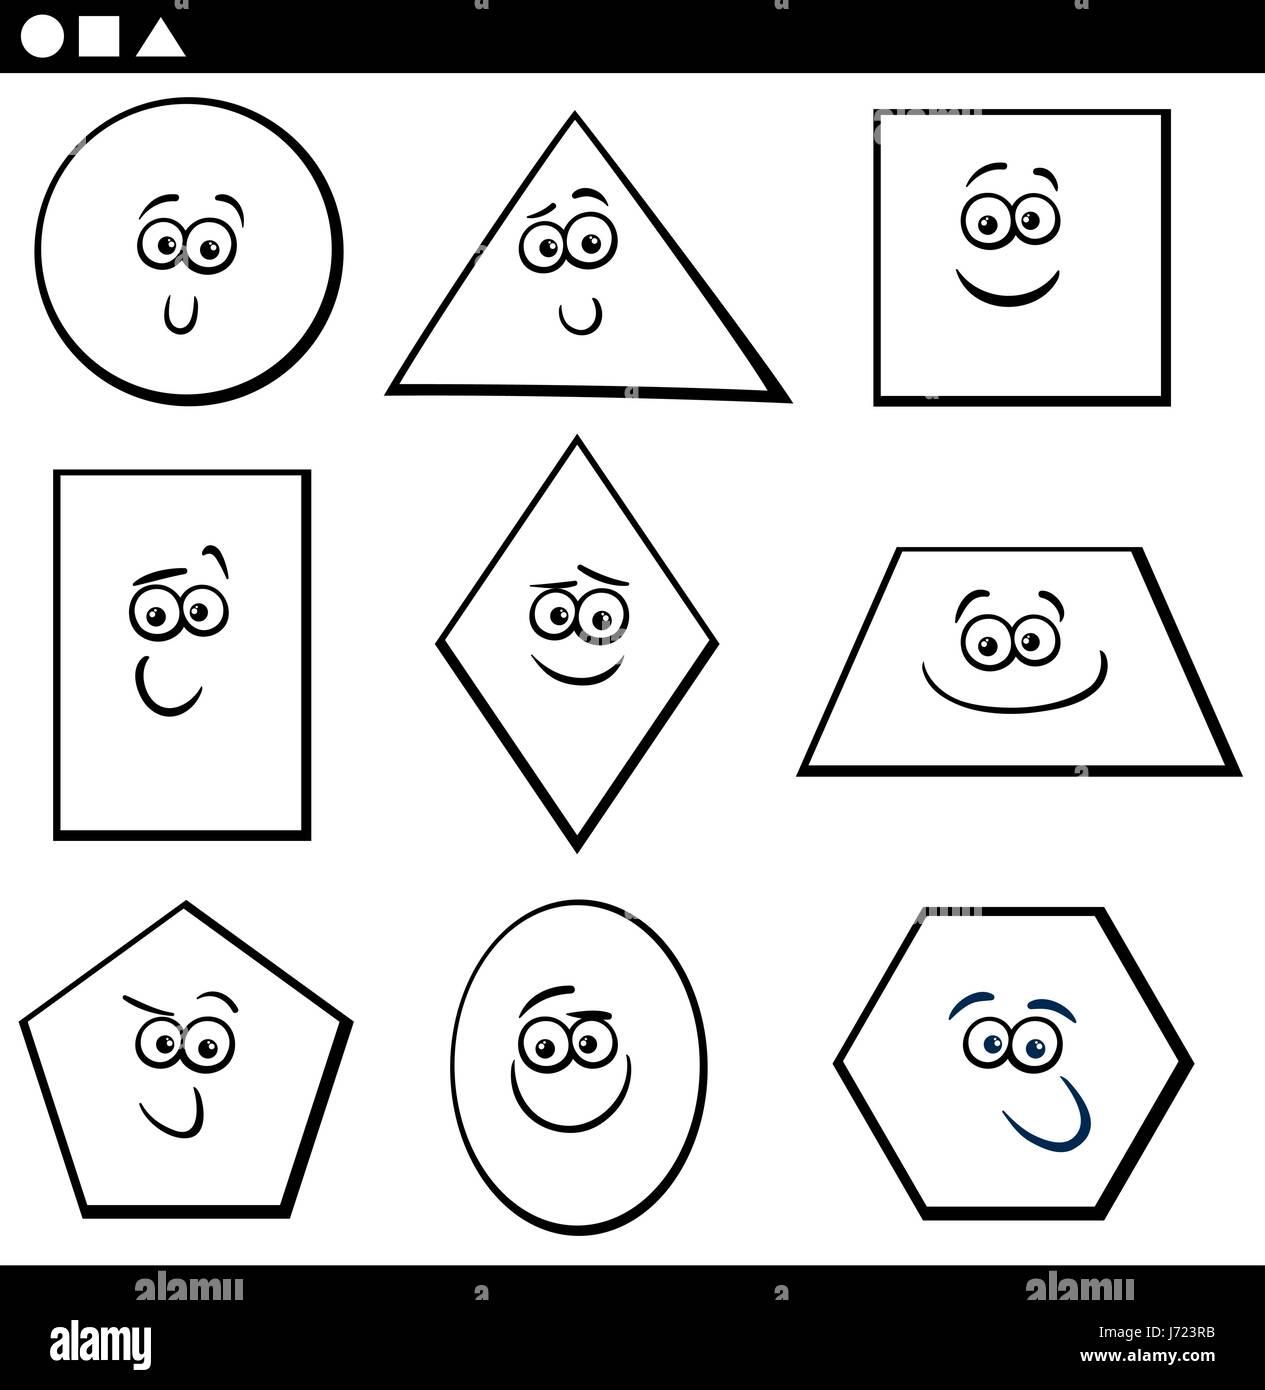 Großzügig Malvorlagen Von Geometrischen Designs Bilder - Entry Level ...